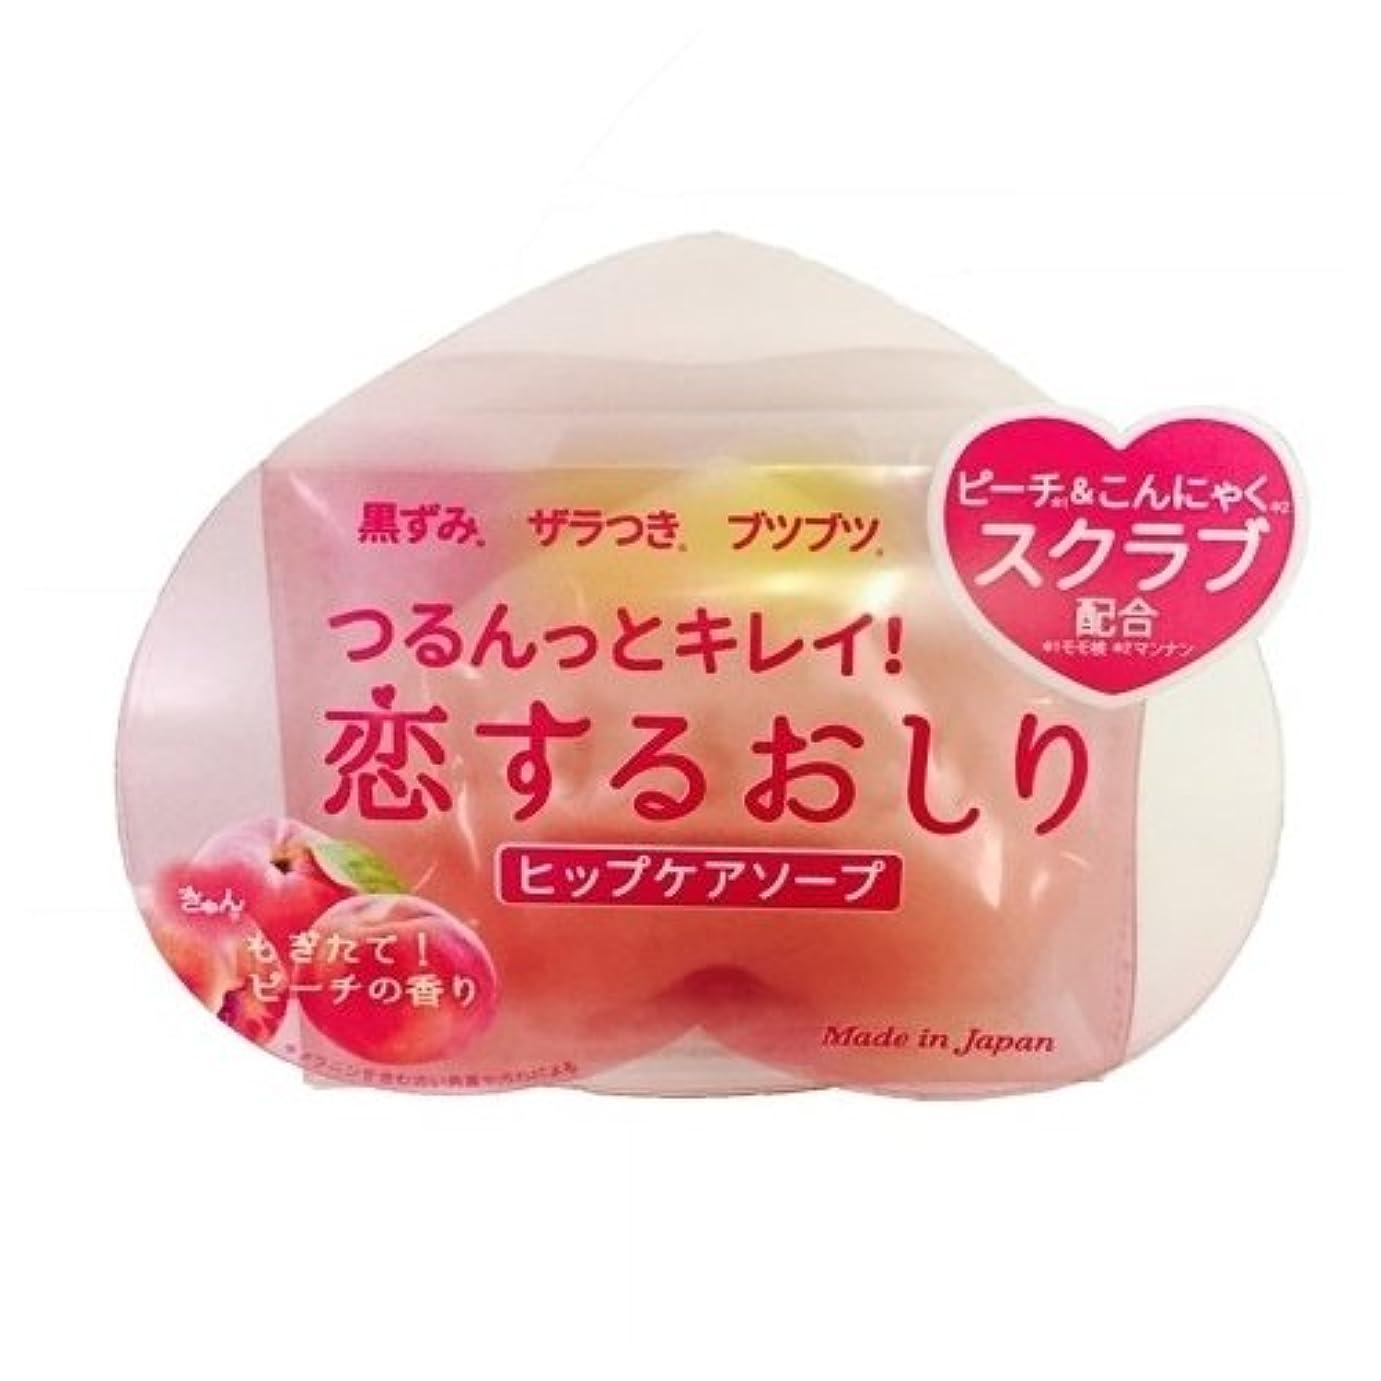 ベル知性デンマーク語ペリカン石鹸 恋するおしり ヒップケアソープ 単品 80g